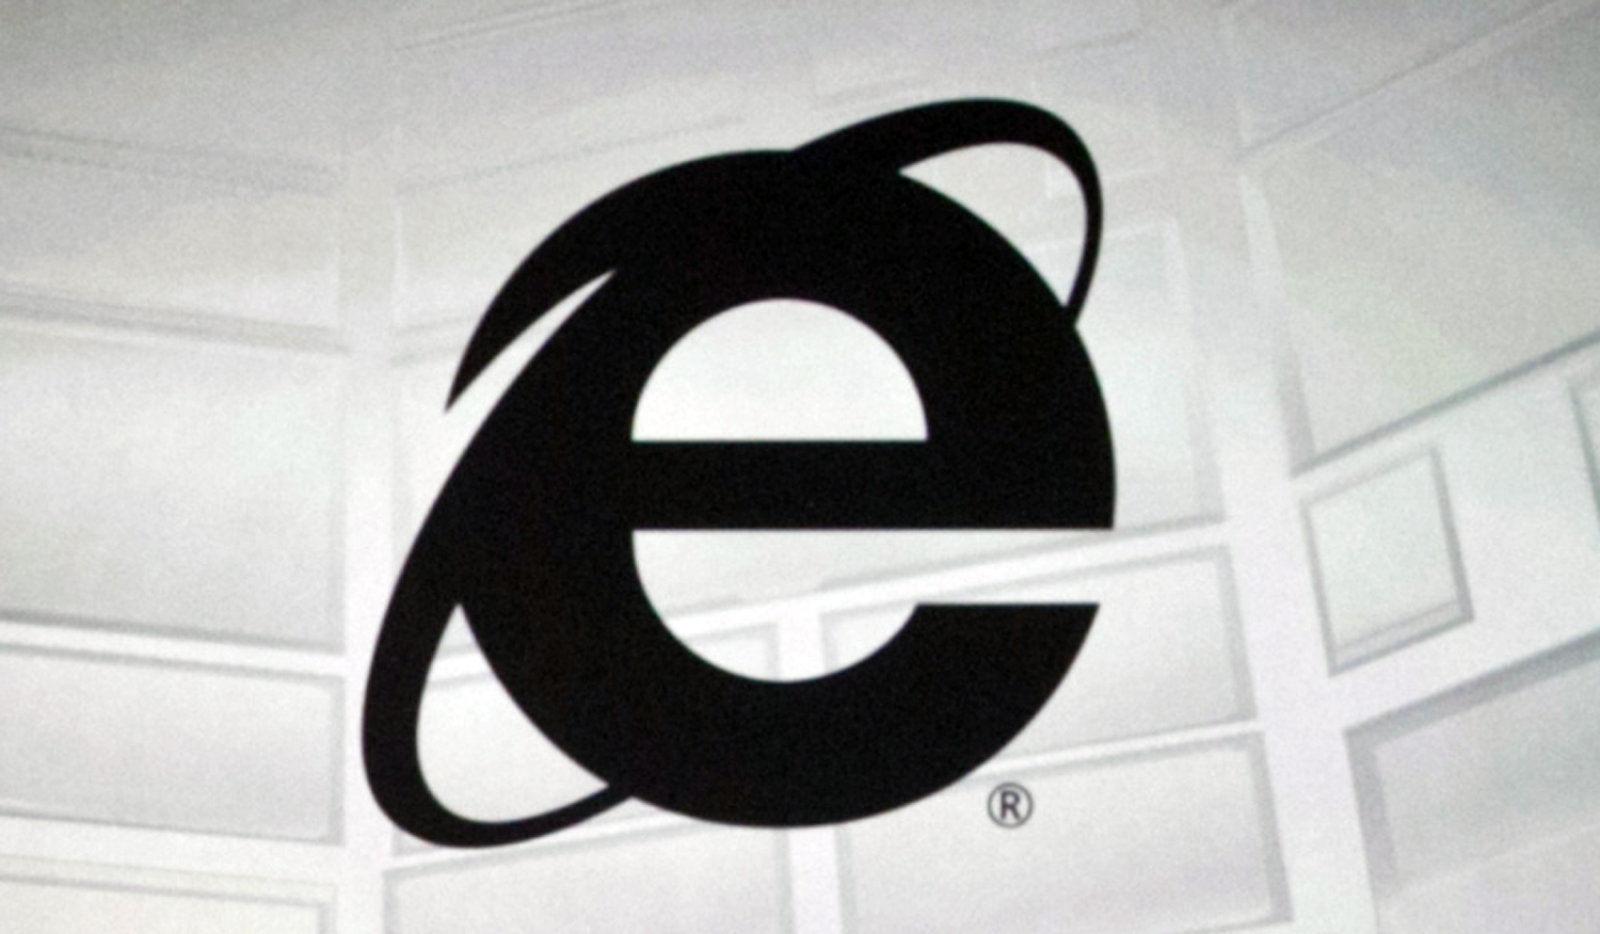 マイクロソフト、企業にInternet Explorerの使用をやめるよう要請。「IEは技術的負債もたらす」 - Engadget 日本版